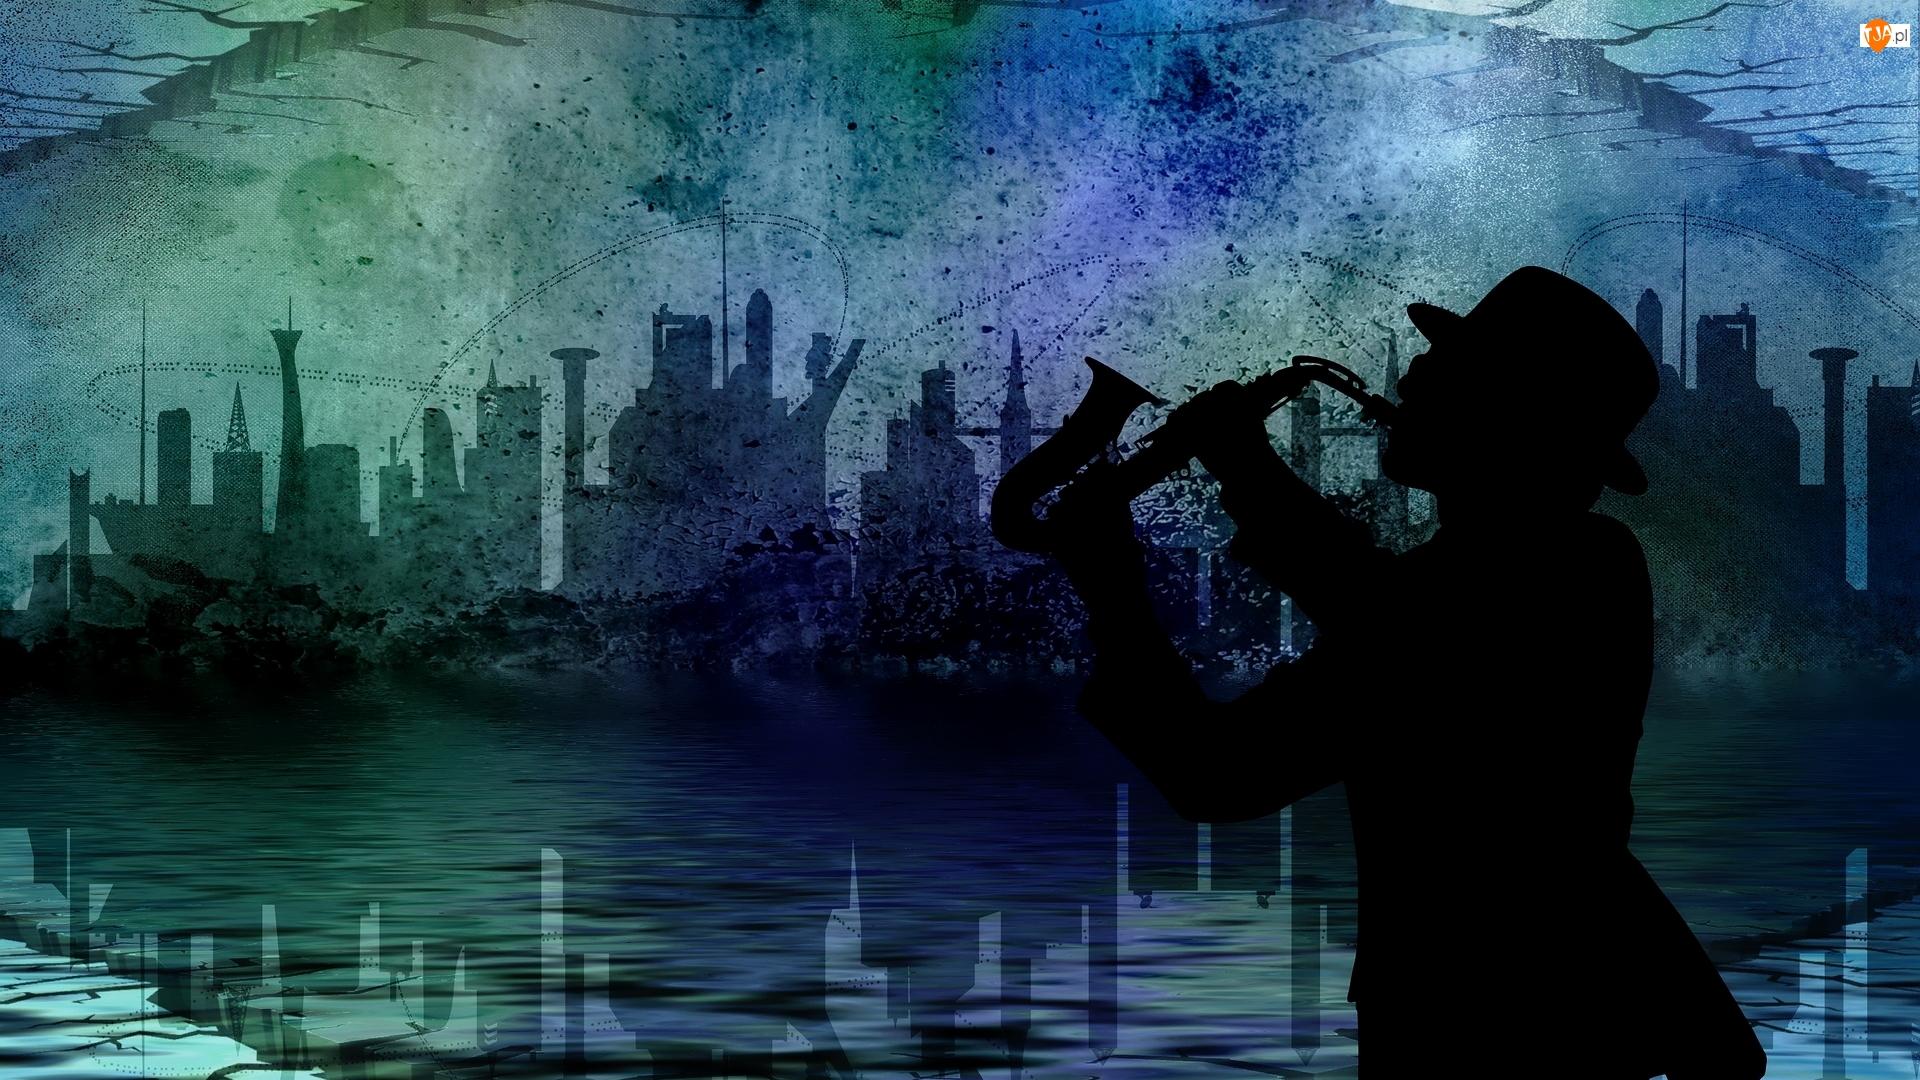 Noc, Miasto, Saksofon, 2D, Mężczyzna, Muzyka